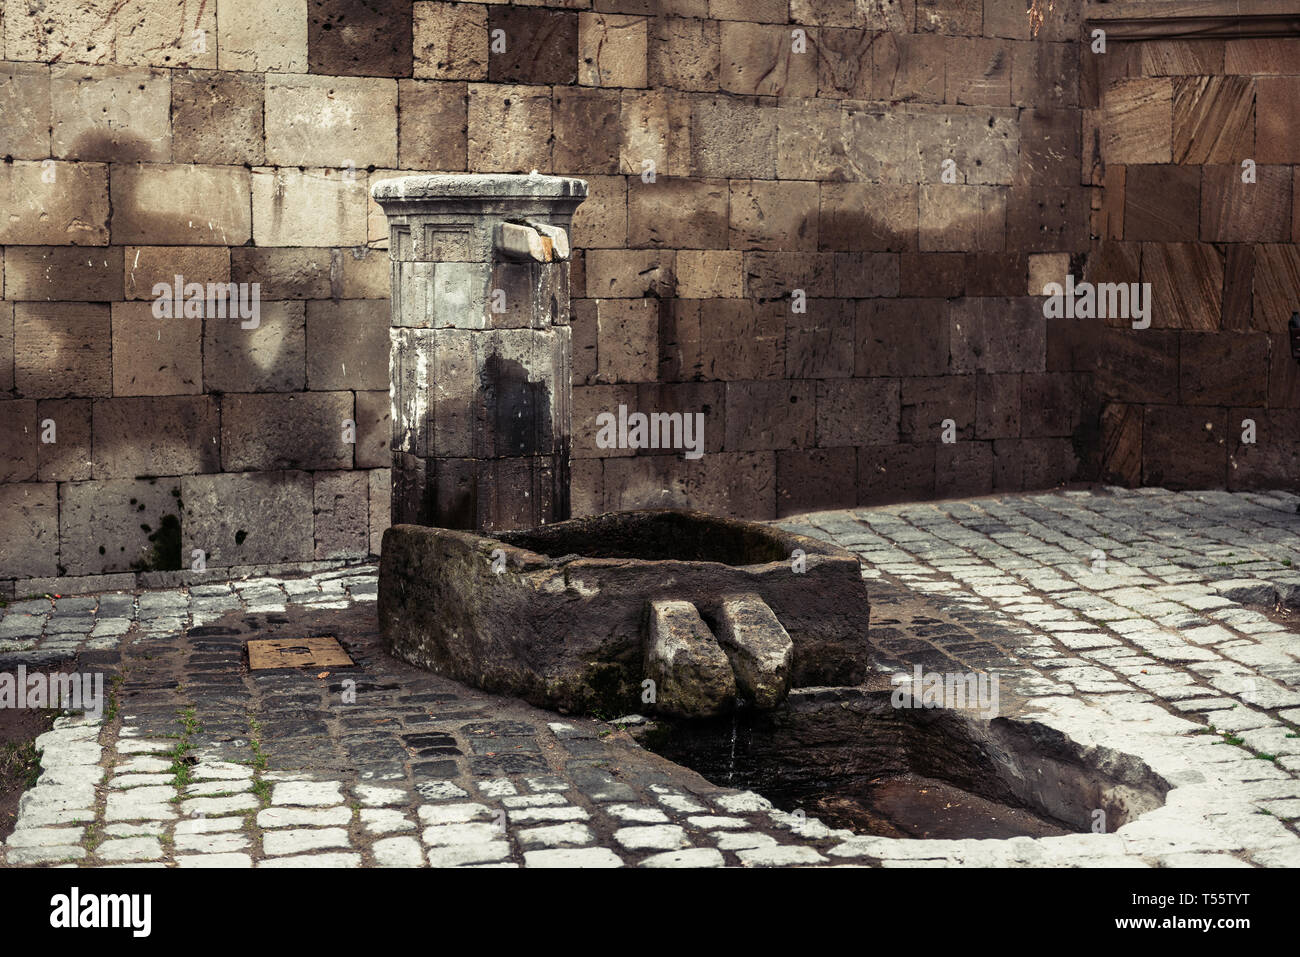 Ancient stone washbasin - Stock Image